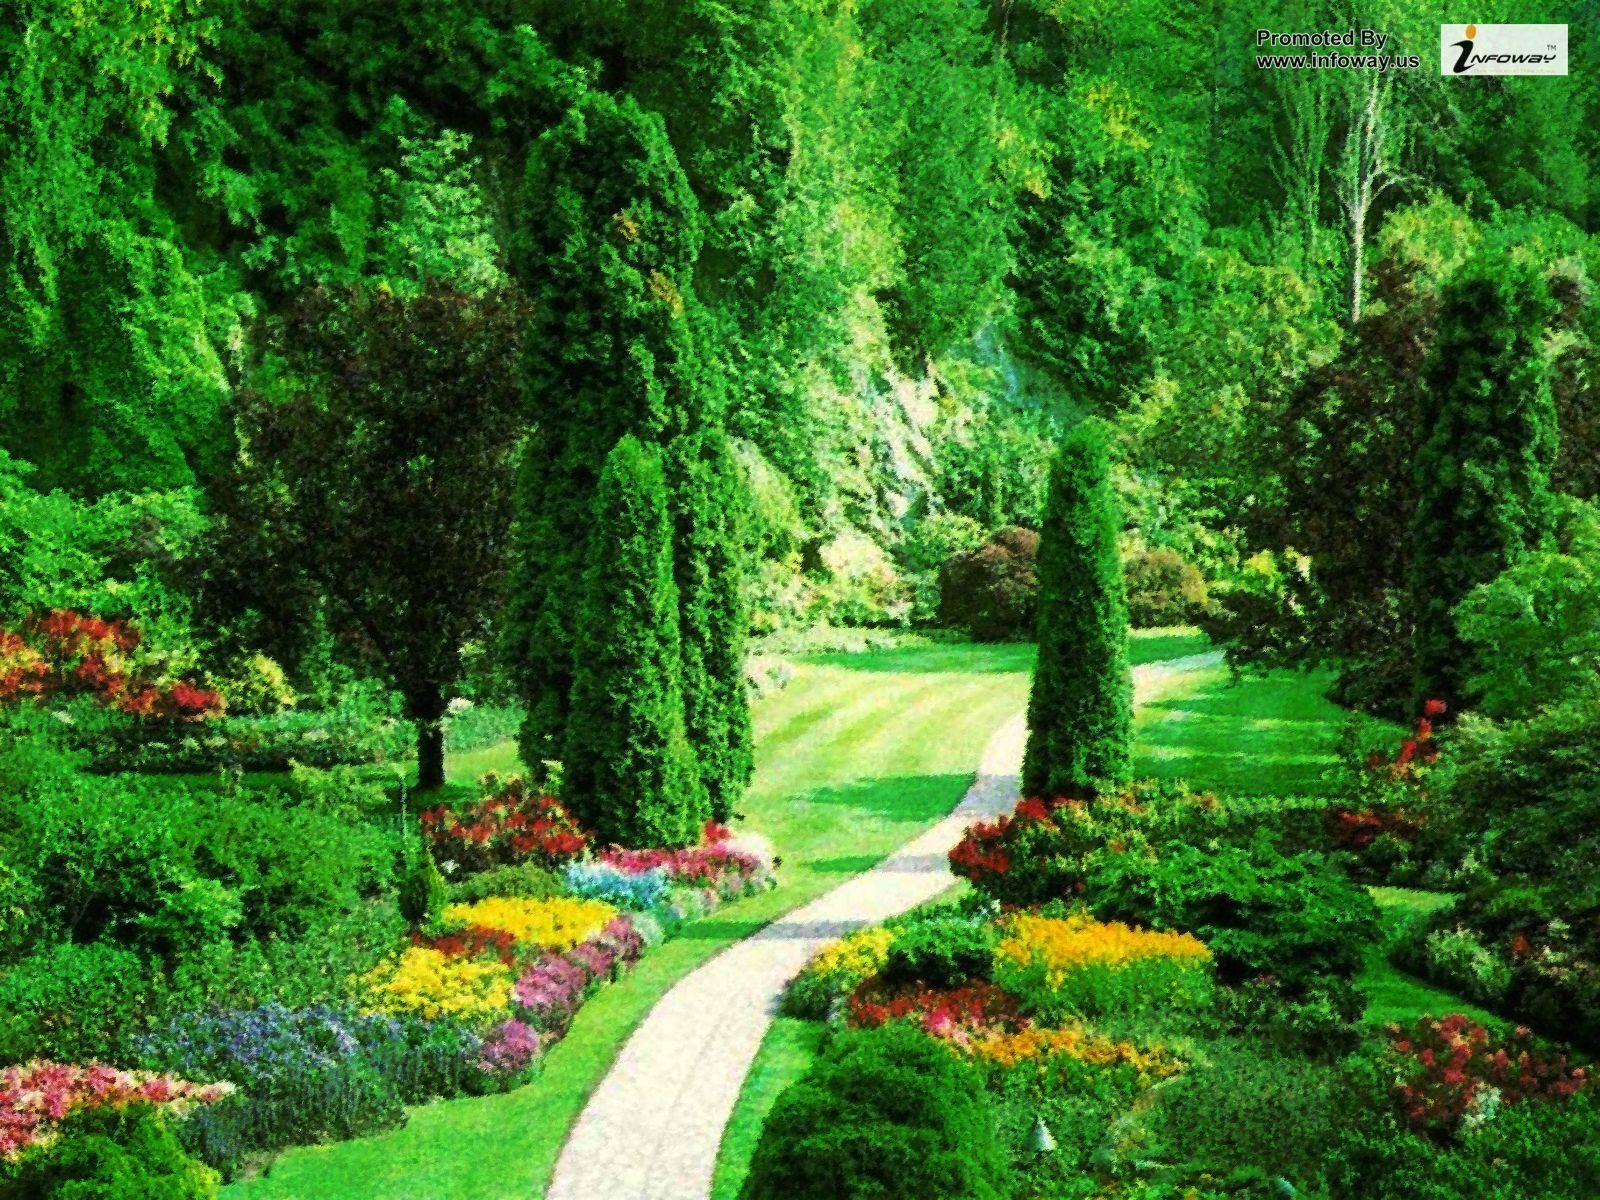 Most Beautiful Nature Scenery World - HD Wallpaper